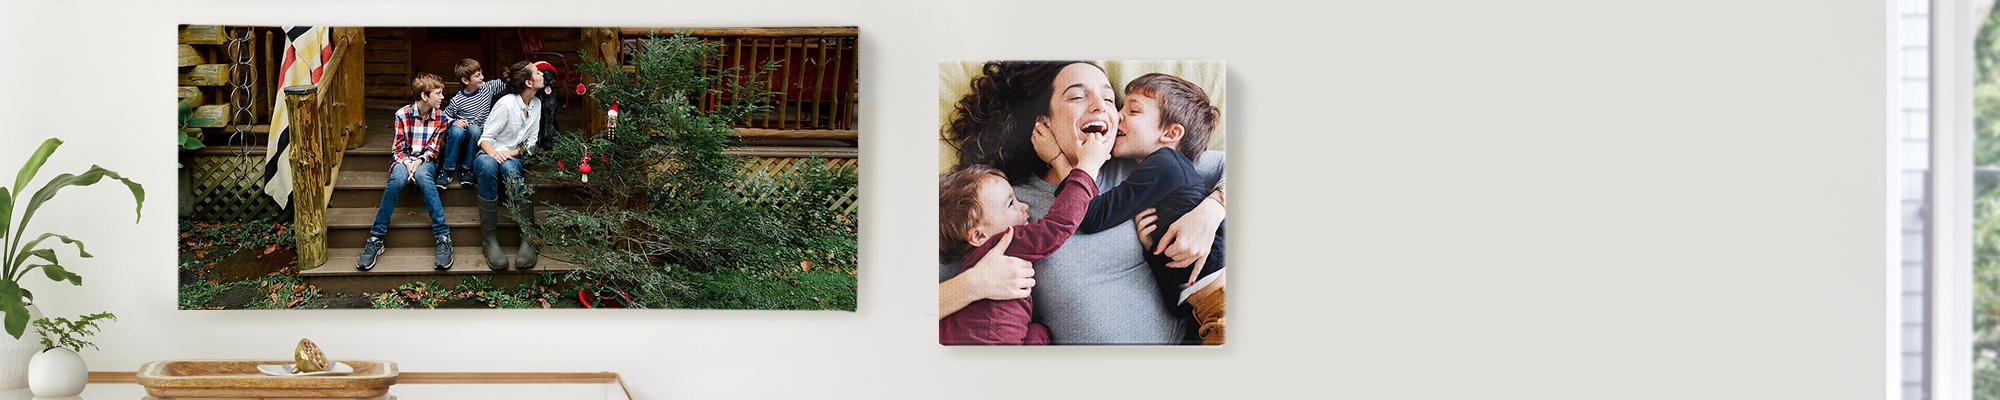 Décoration murale Ajoutez facilement une touche de couleur sur les murs de votre maison avec notre sélection personnalisée de déco murale et de photos sur toile.